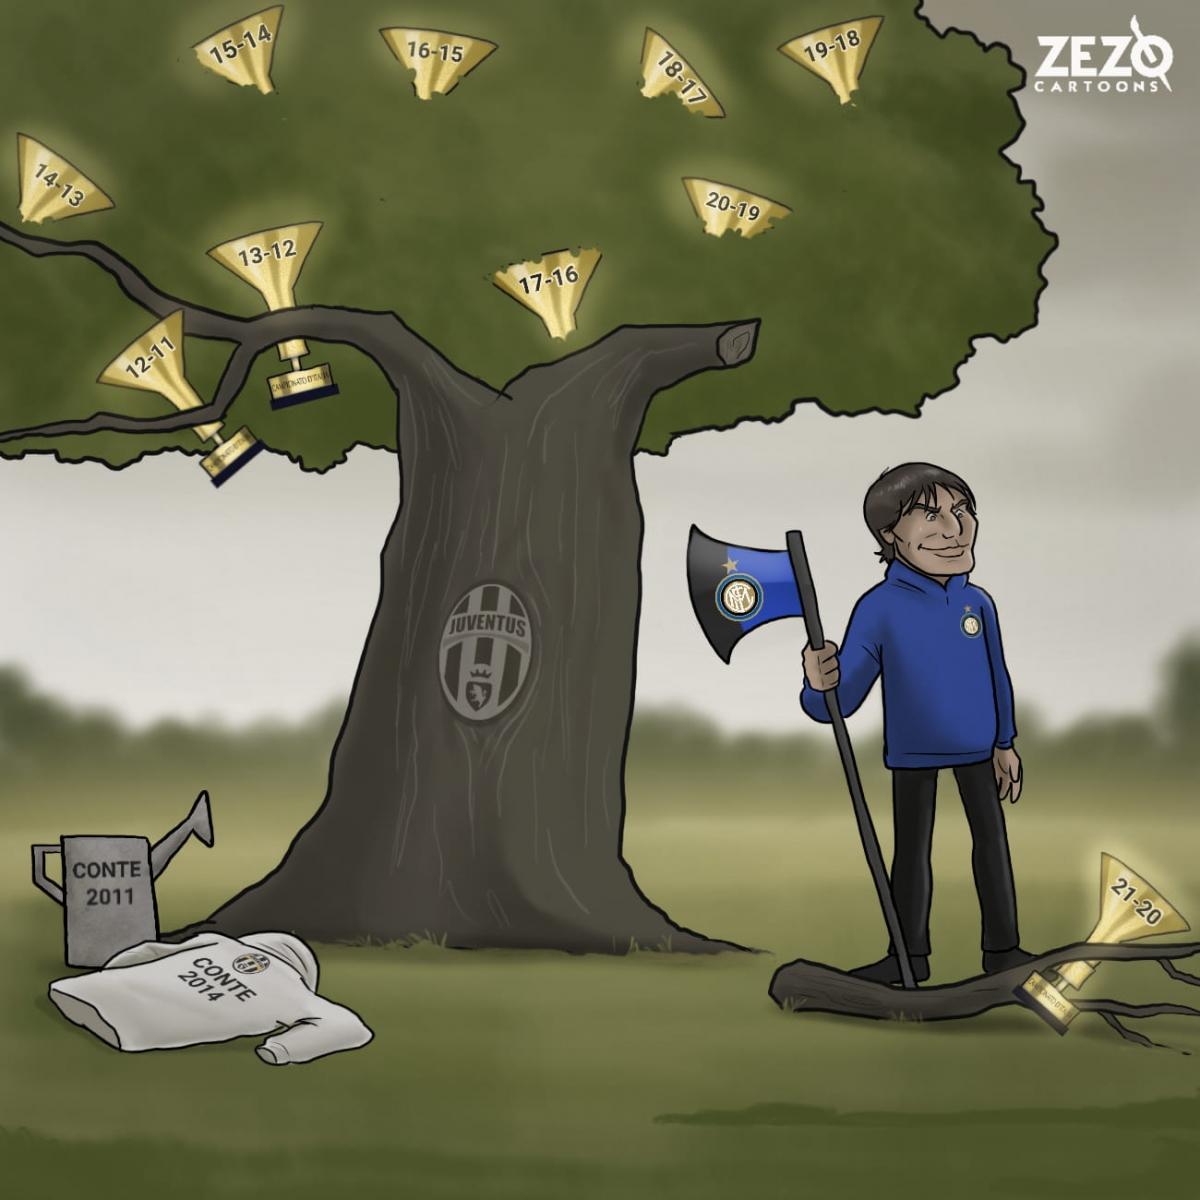 HLV Antonio Conte mở ra kỷ nguyên thống trị Serie A cho Juventus rồi cùng Inter Milan chấm dứt nó. (Ảnh: ZEZO Cartoons)